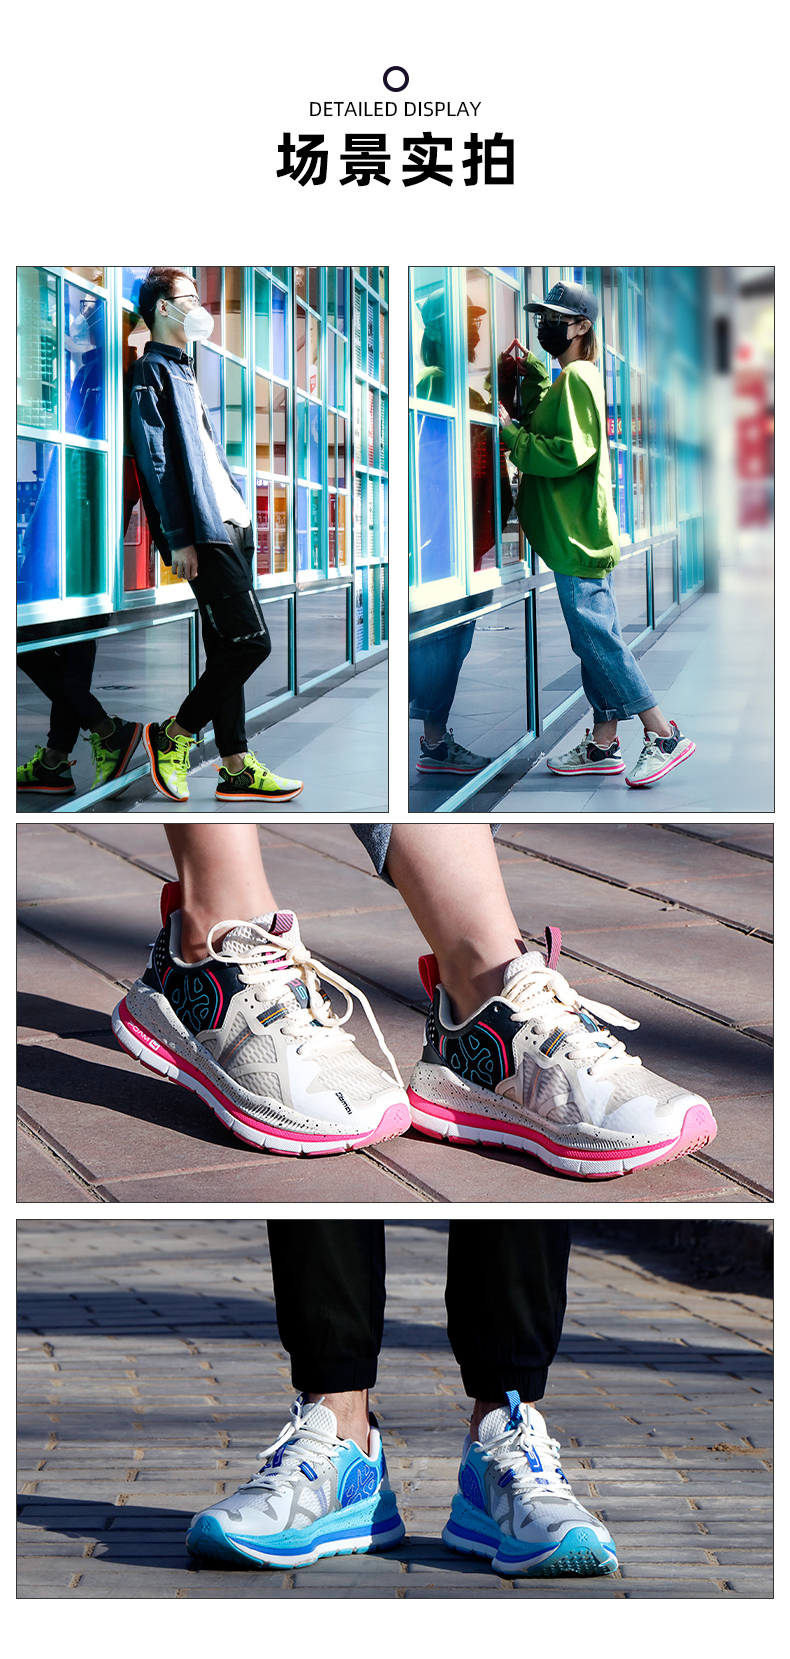 必迈 2021新款 远征者2.0 全掌加厚强缓震 男护膝型跑步鞋 图11